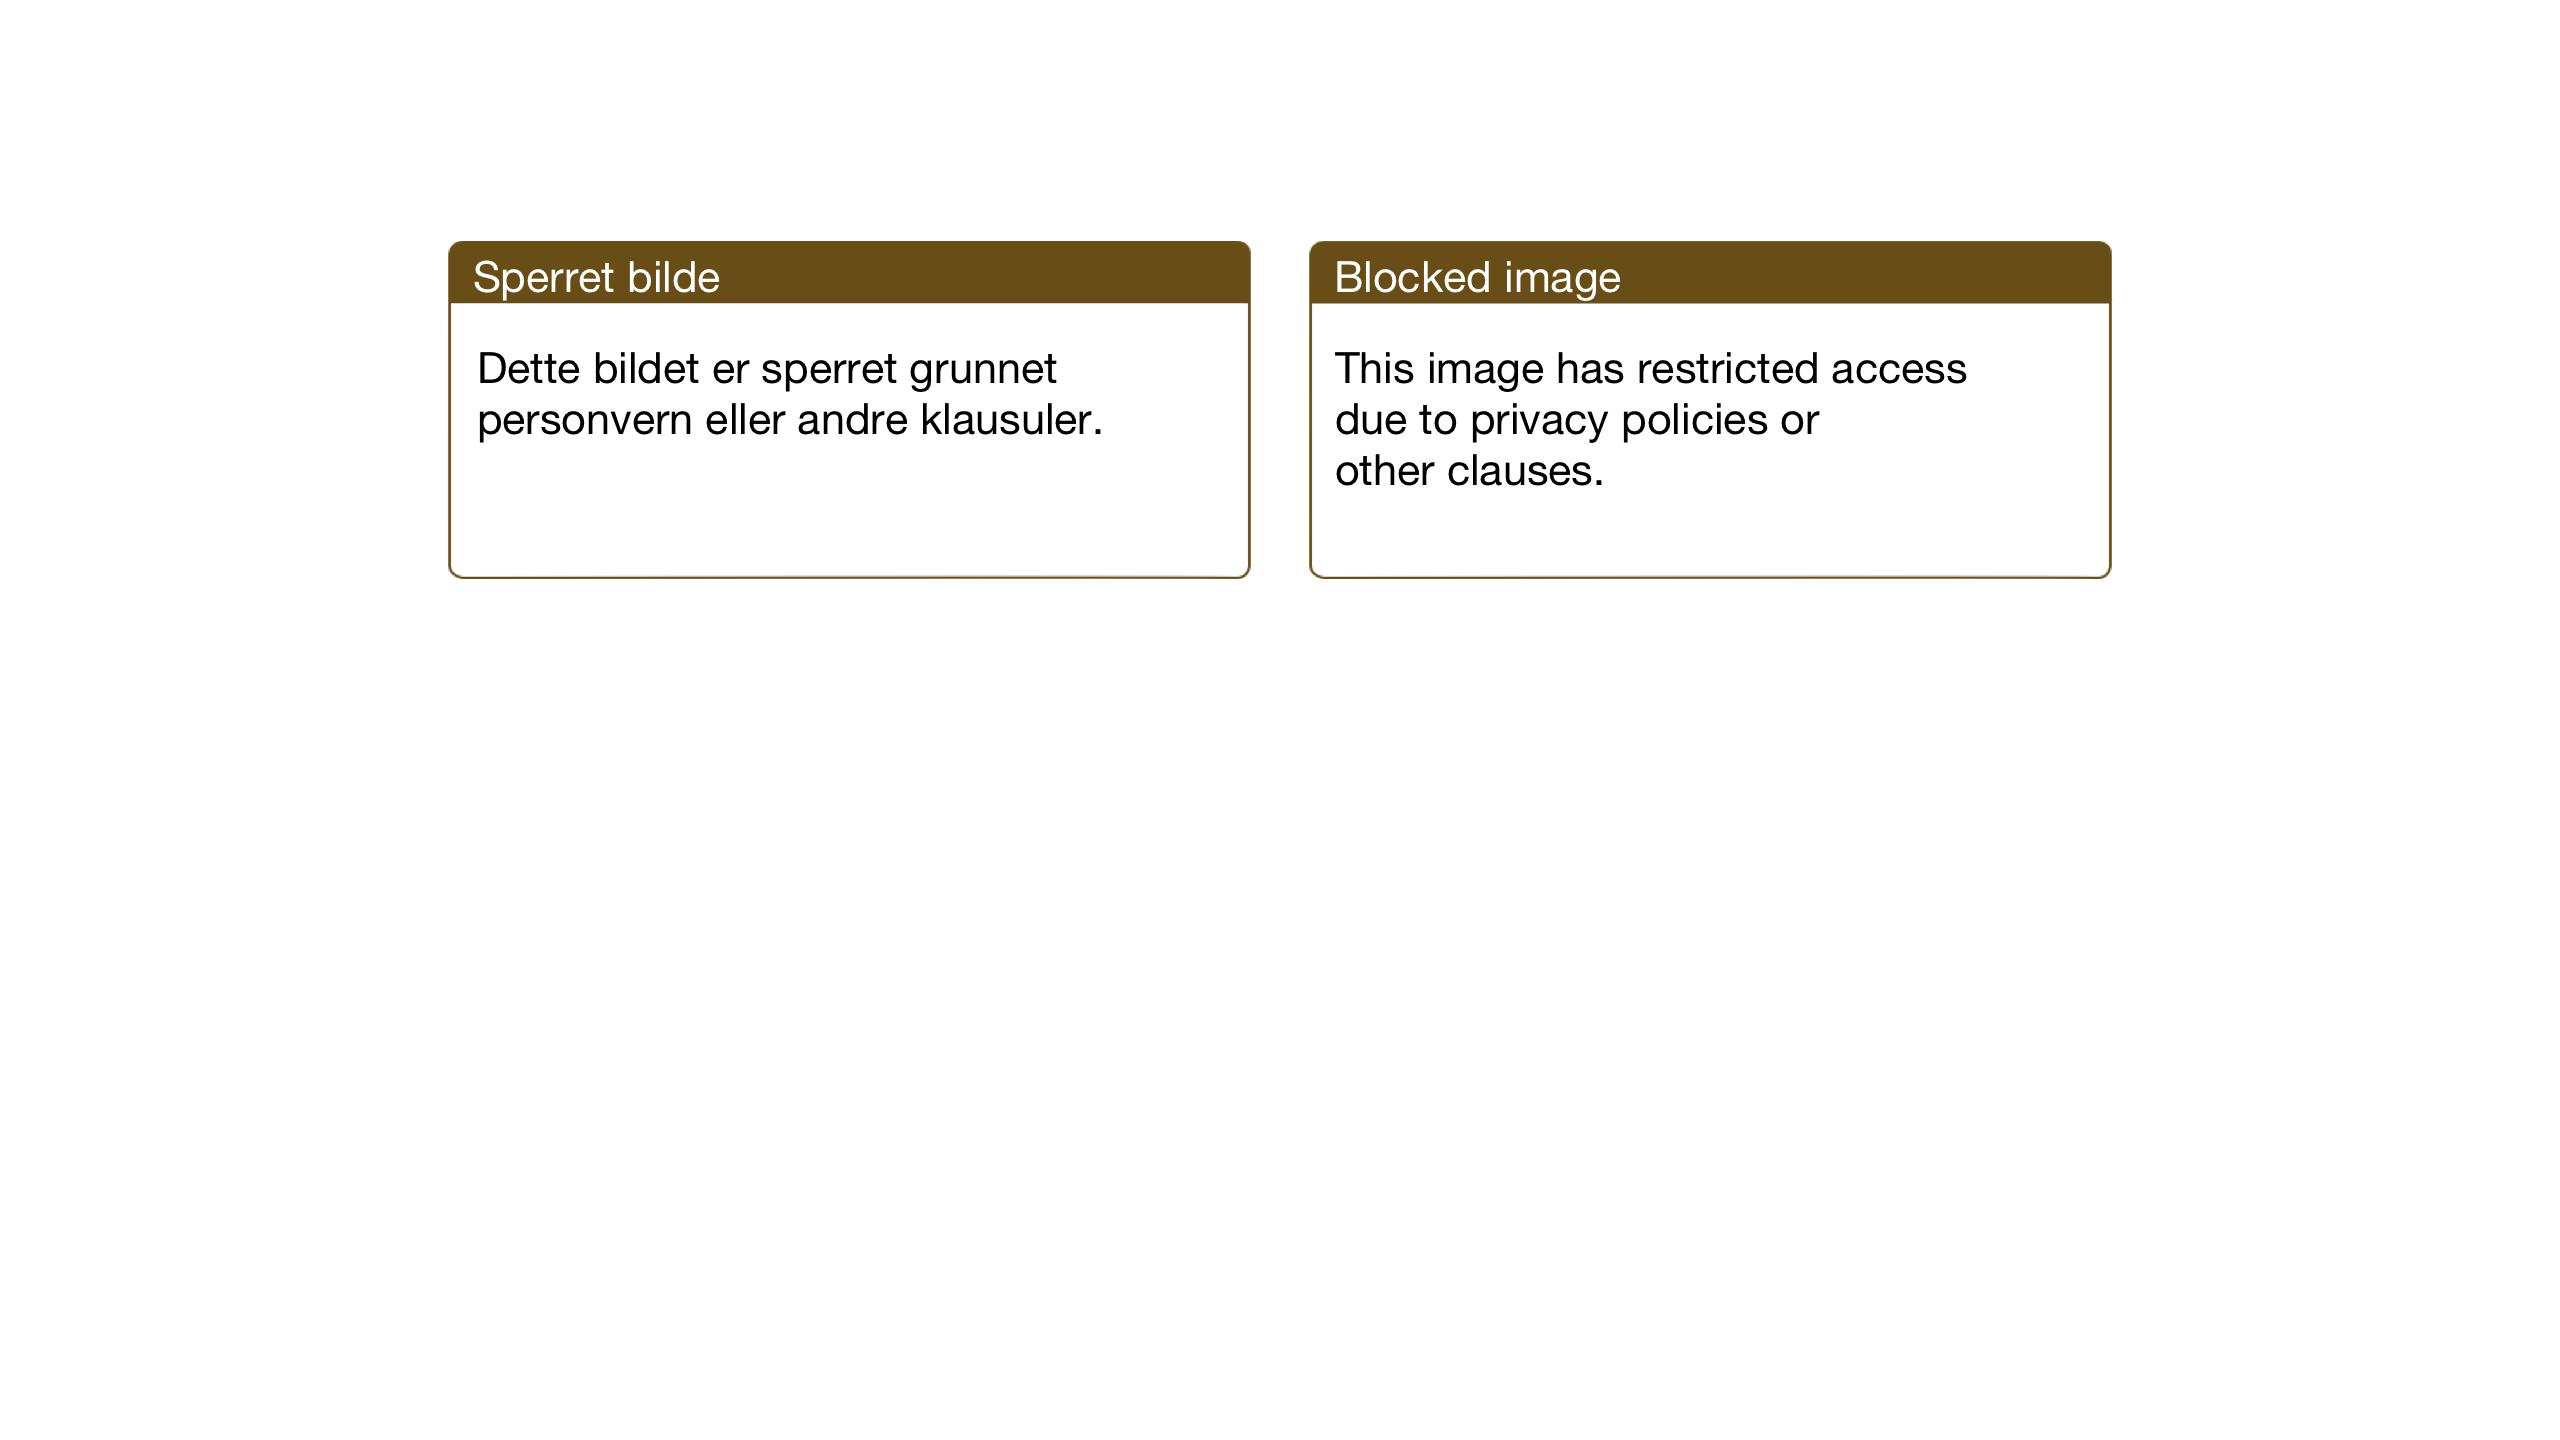 SAT, Ministerialprotokoller, klokkerbøker og fødselsregistre - Sør-Trøndelag, 667/L0799: Klokkerbok nr. 667C04, 1929-1950, s. 13